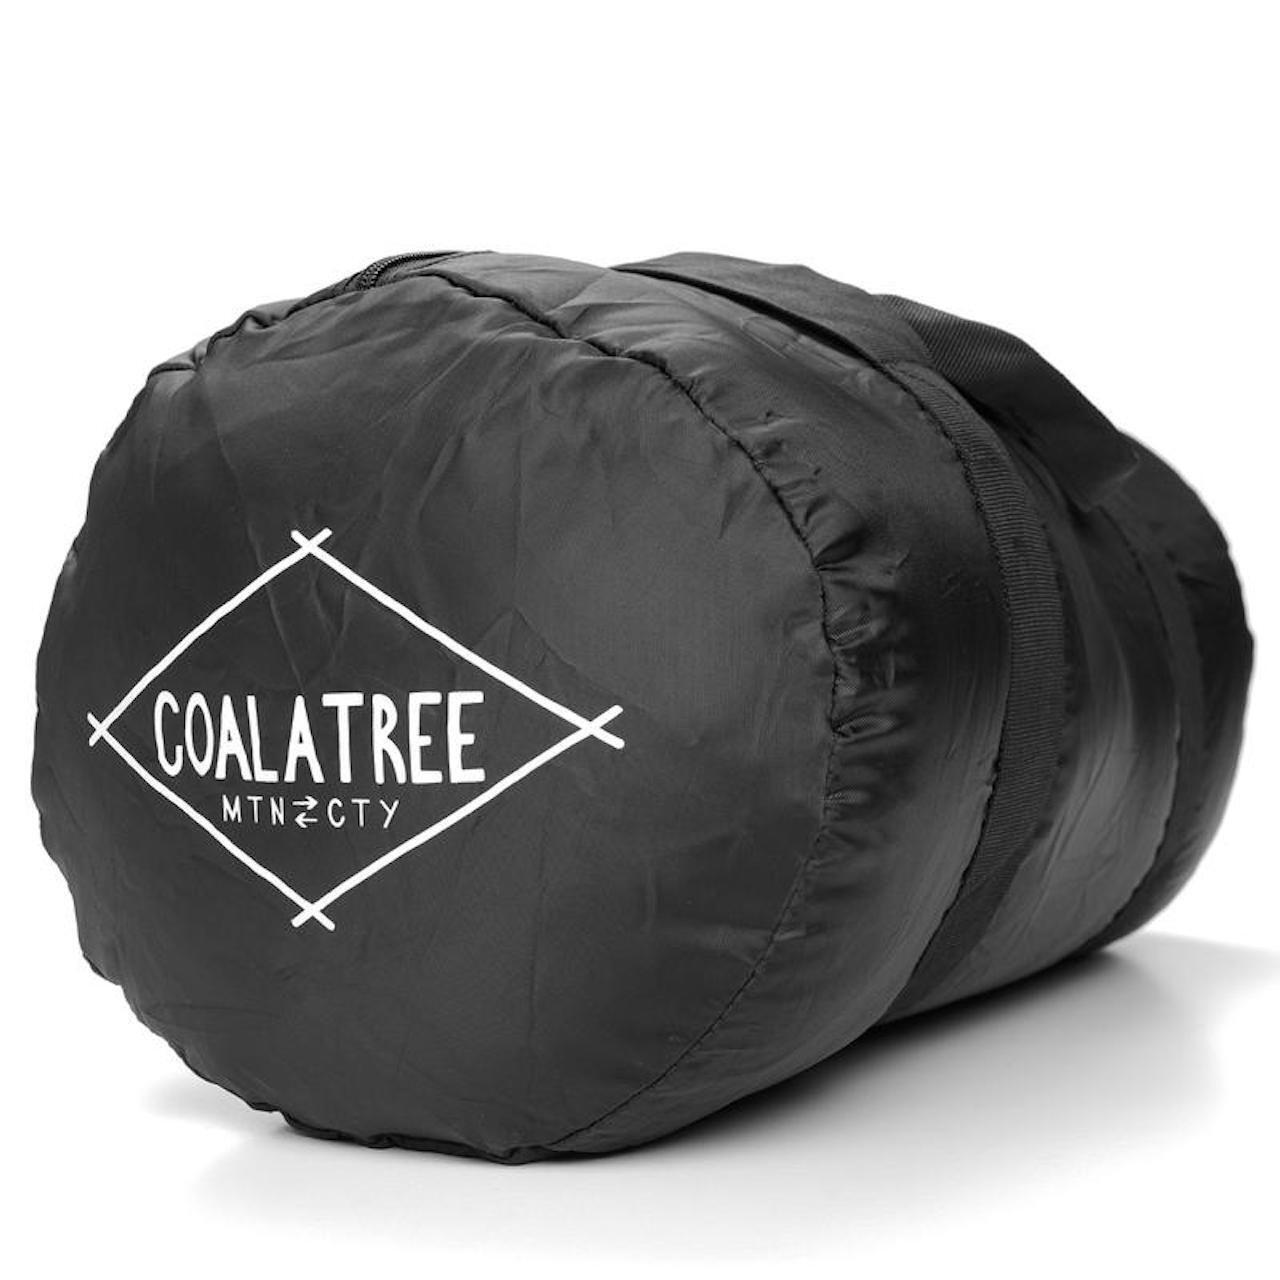 coalatree-nomad-duffel-fall-camping-gear